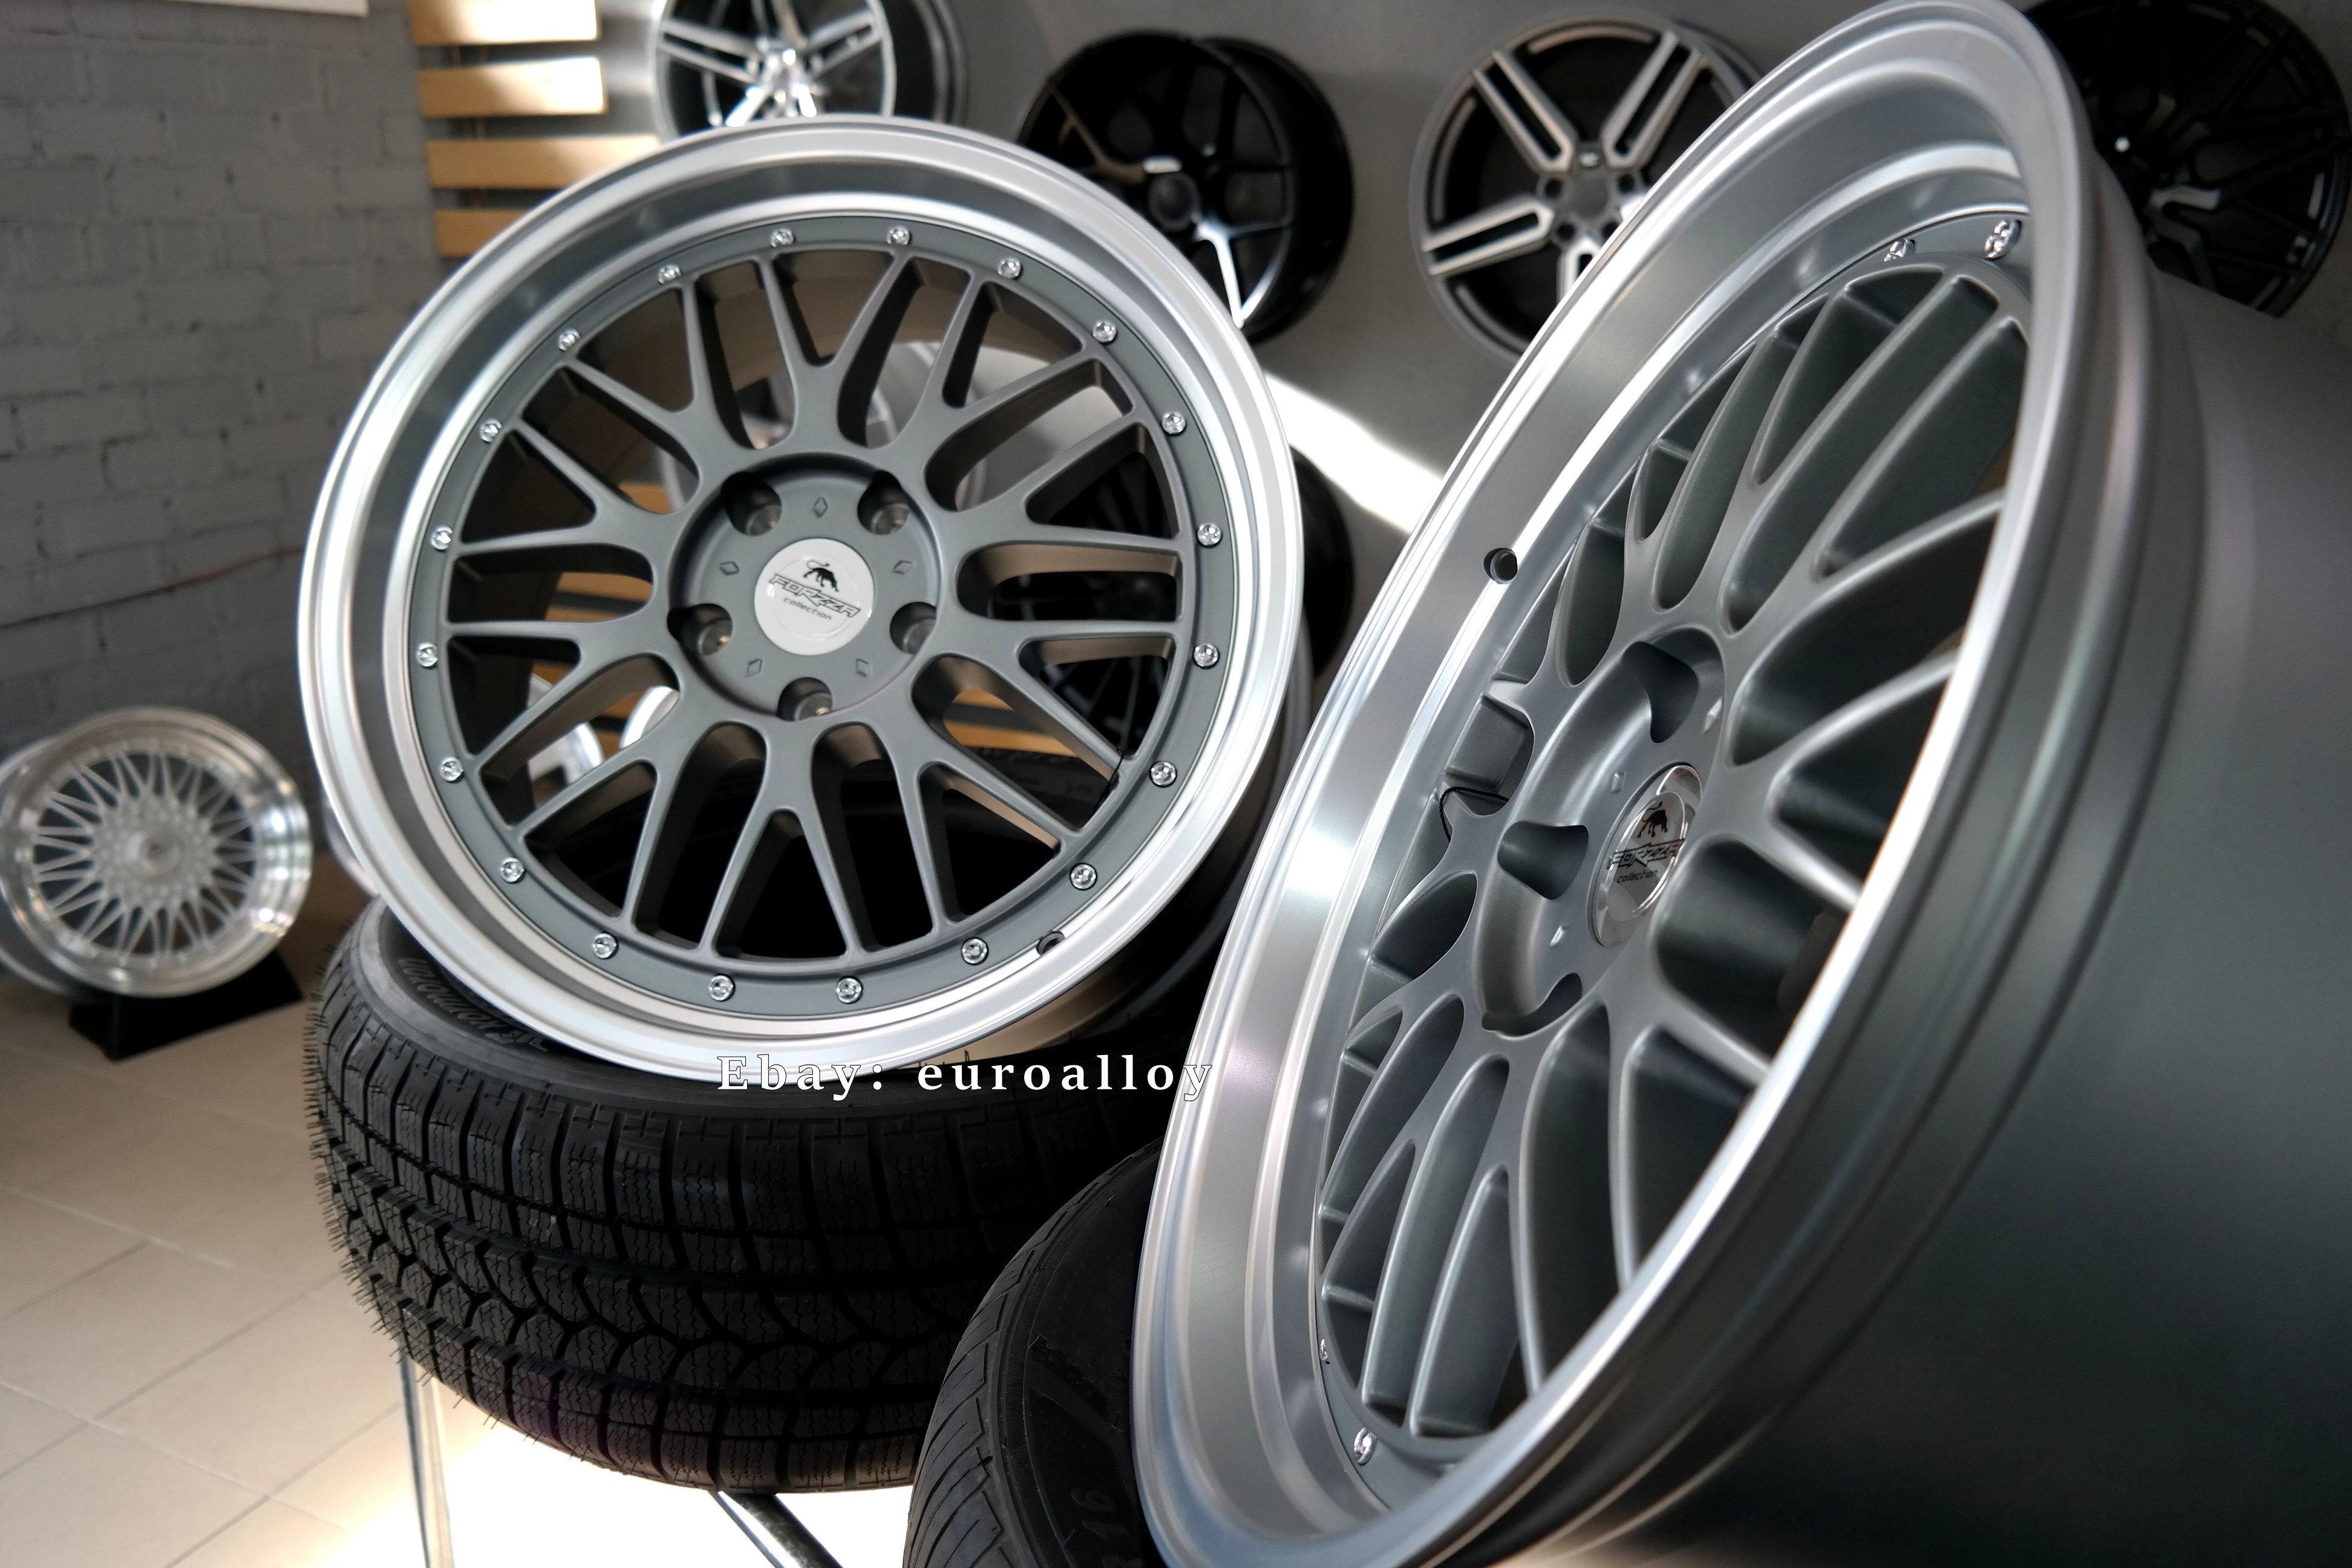 4x 19 Inch 5x120 Bbs Lm Style Wheels For Bmw 3 5 E36 E46 E90 F30 F10 Lip Concave Ebay